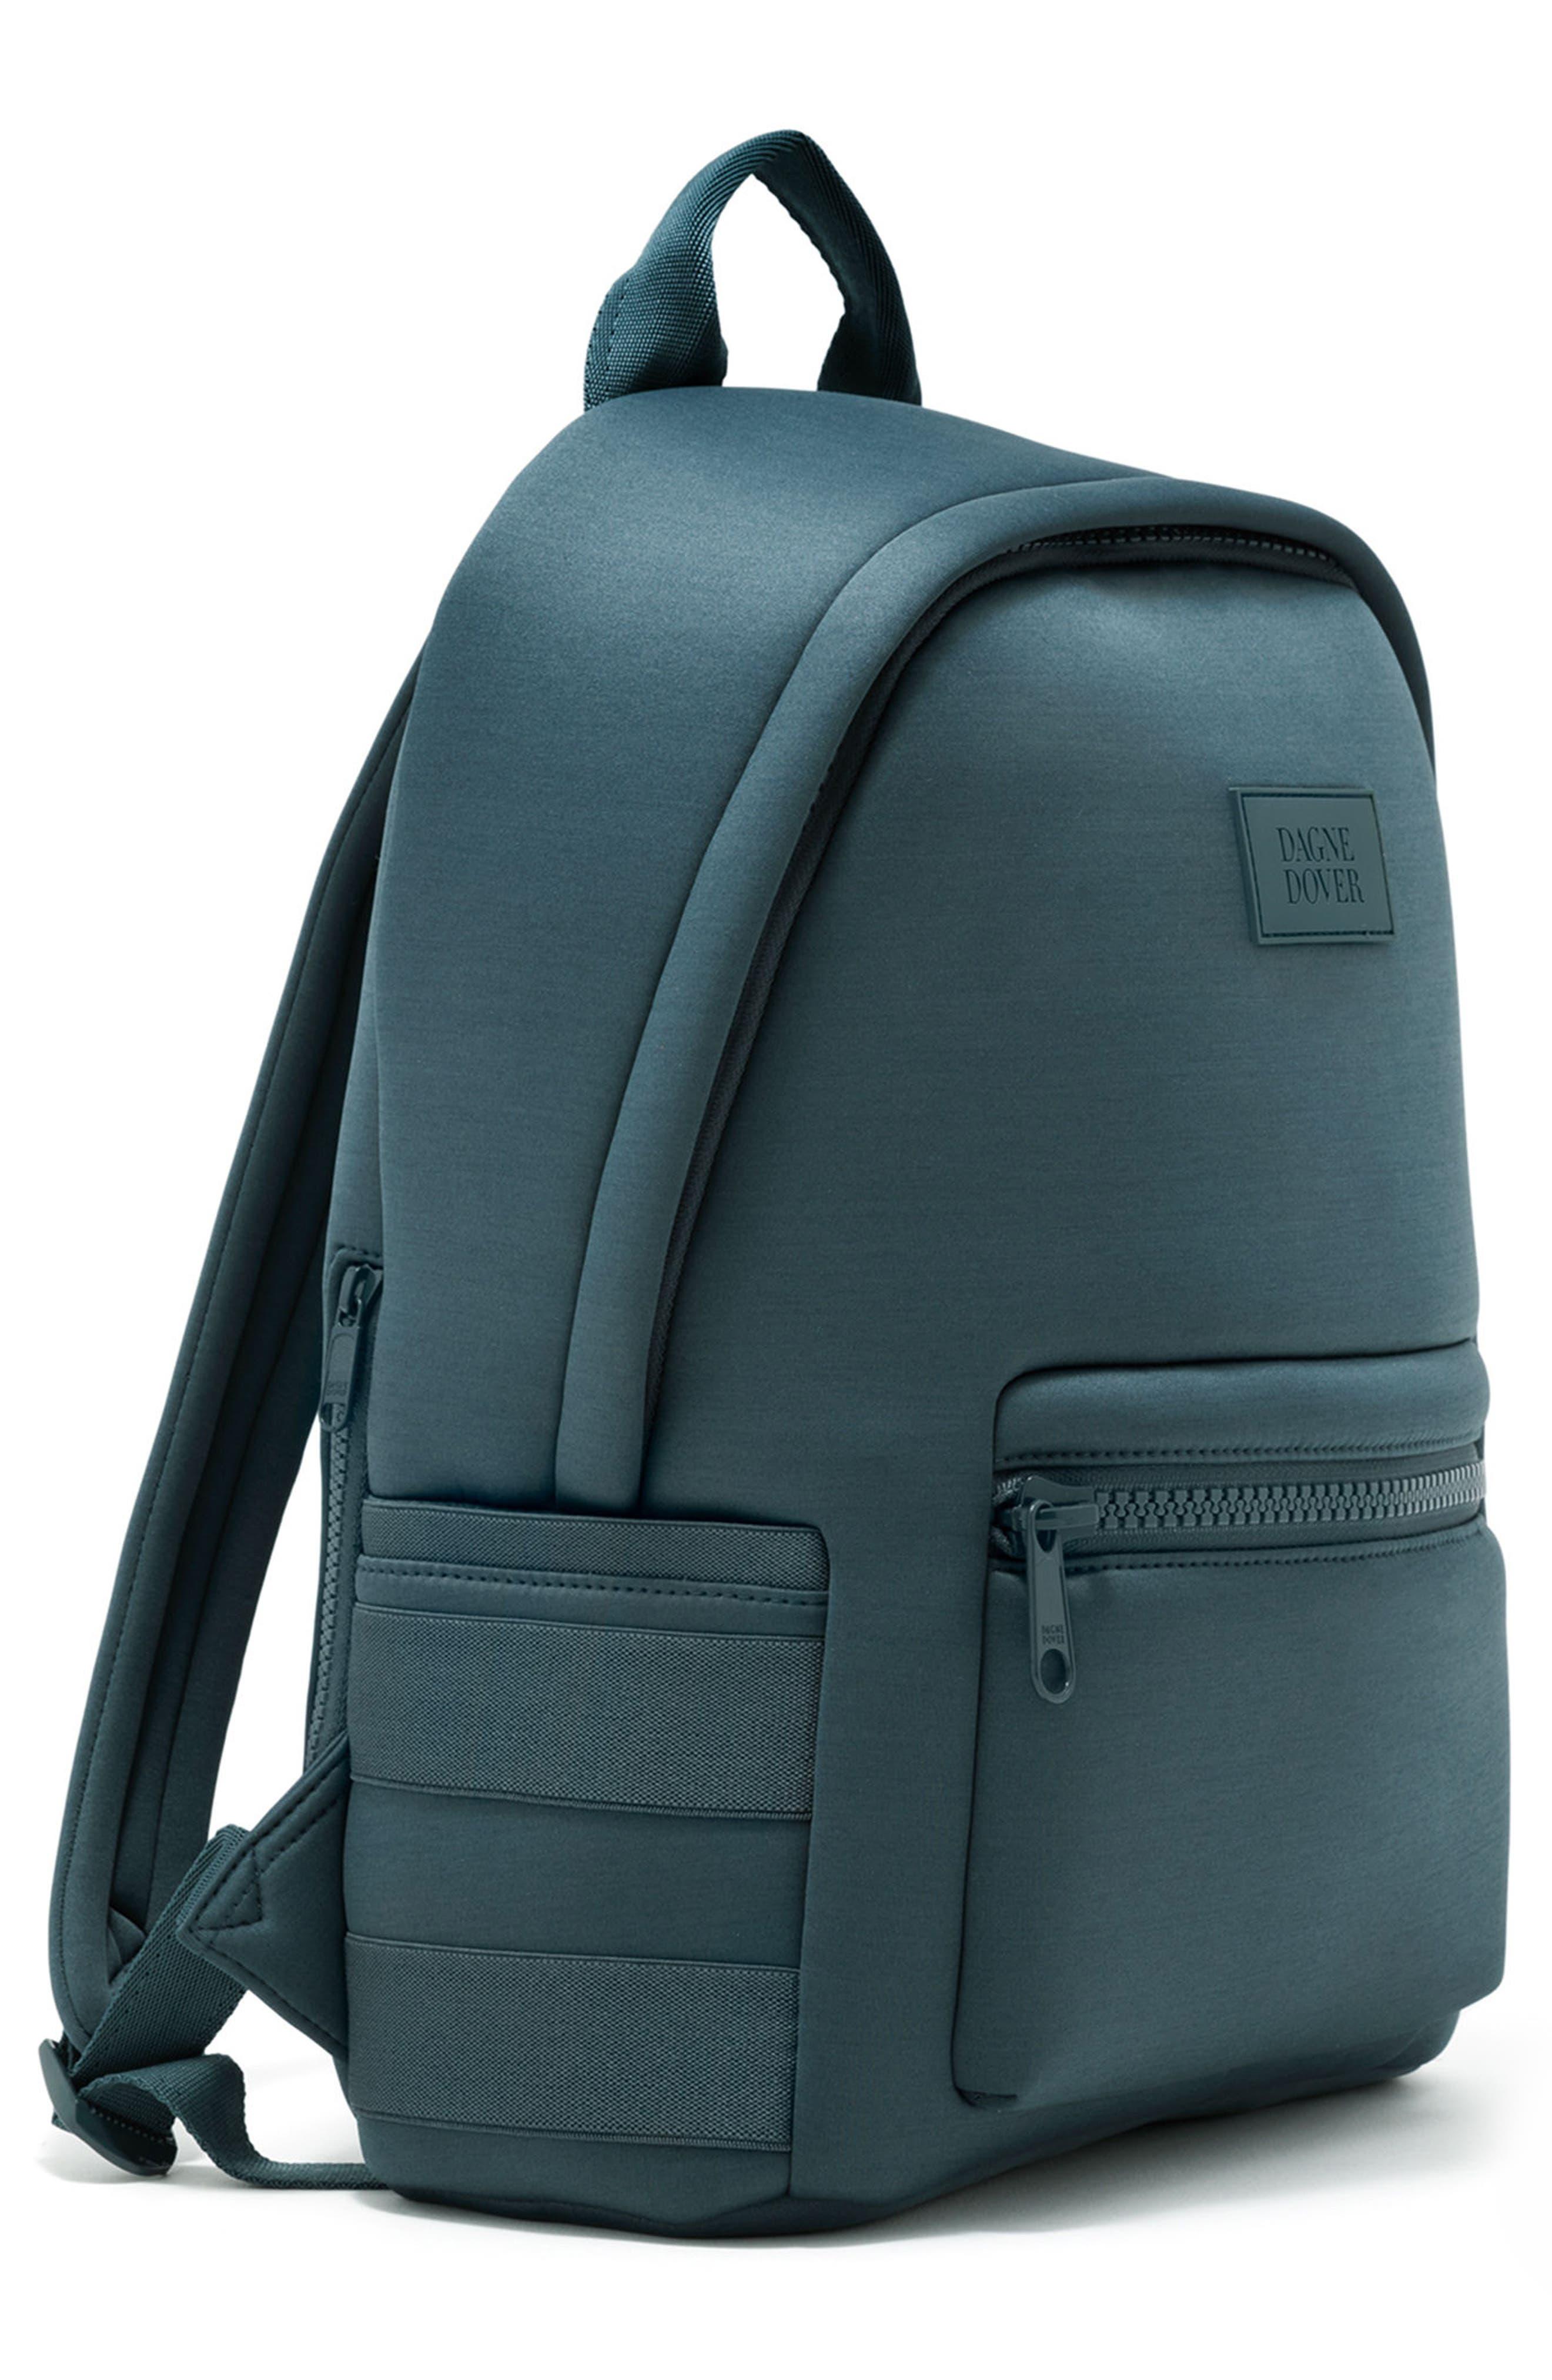 365 Dakota Neoprene Backpack,                             Alternate thumbnail 30, color,